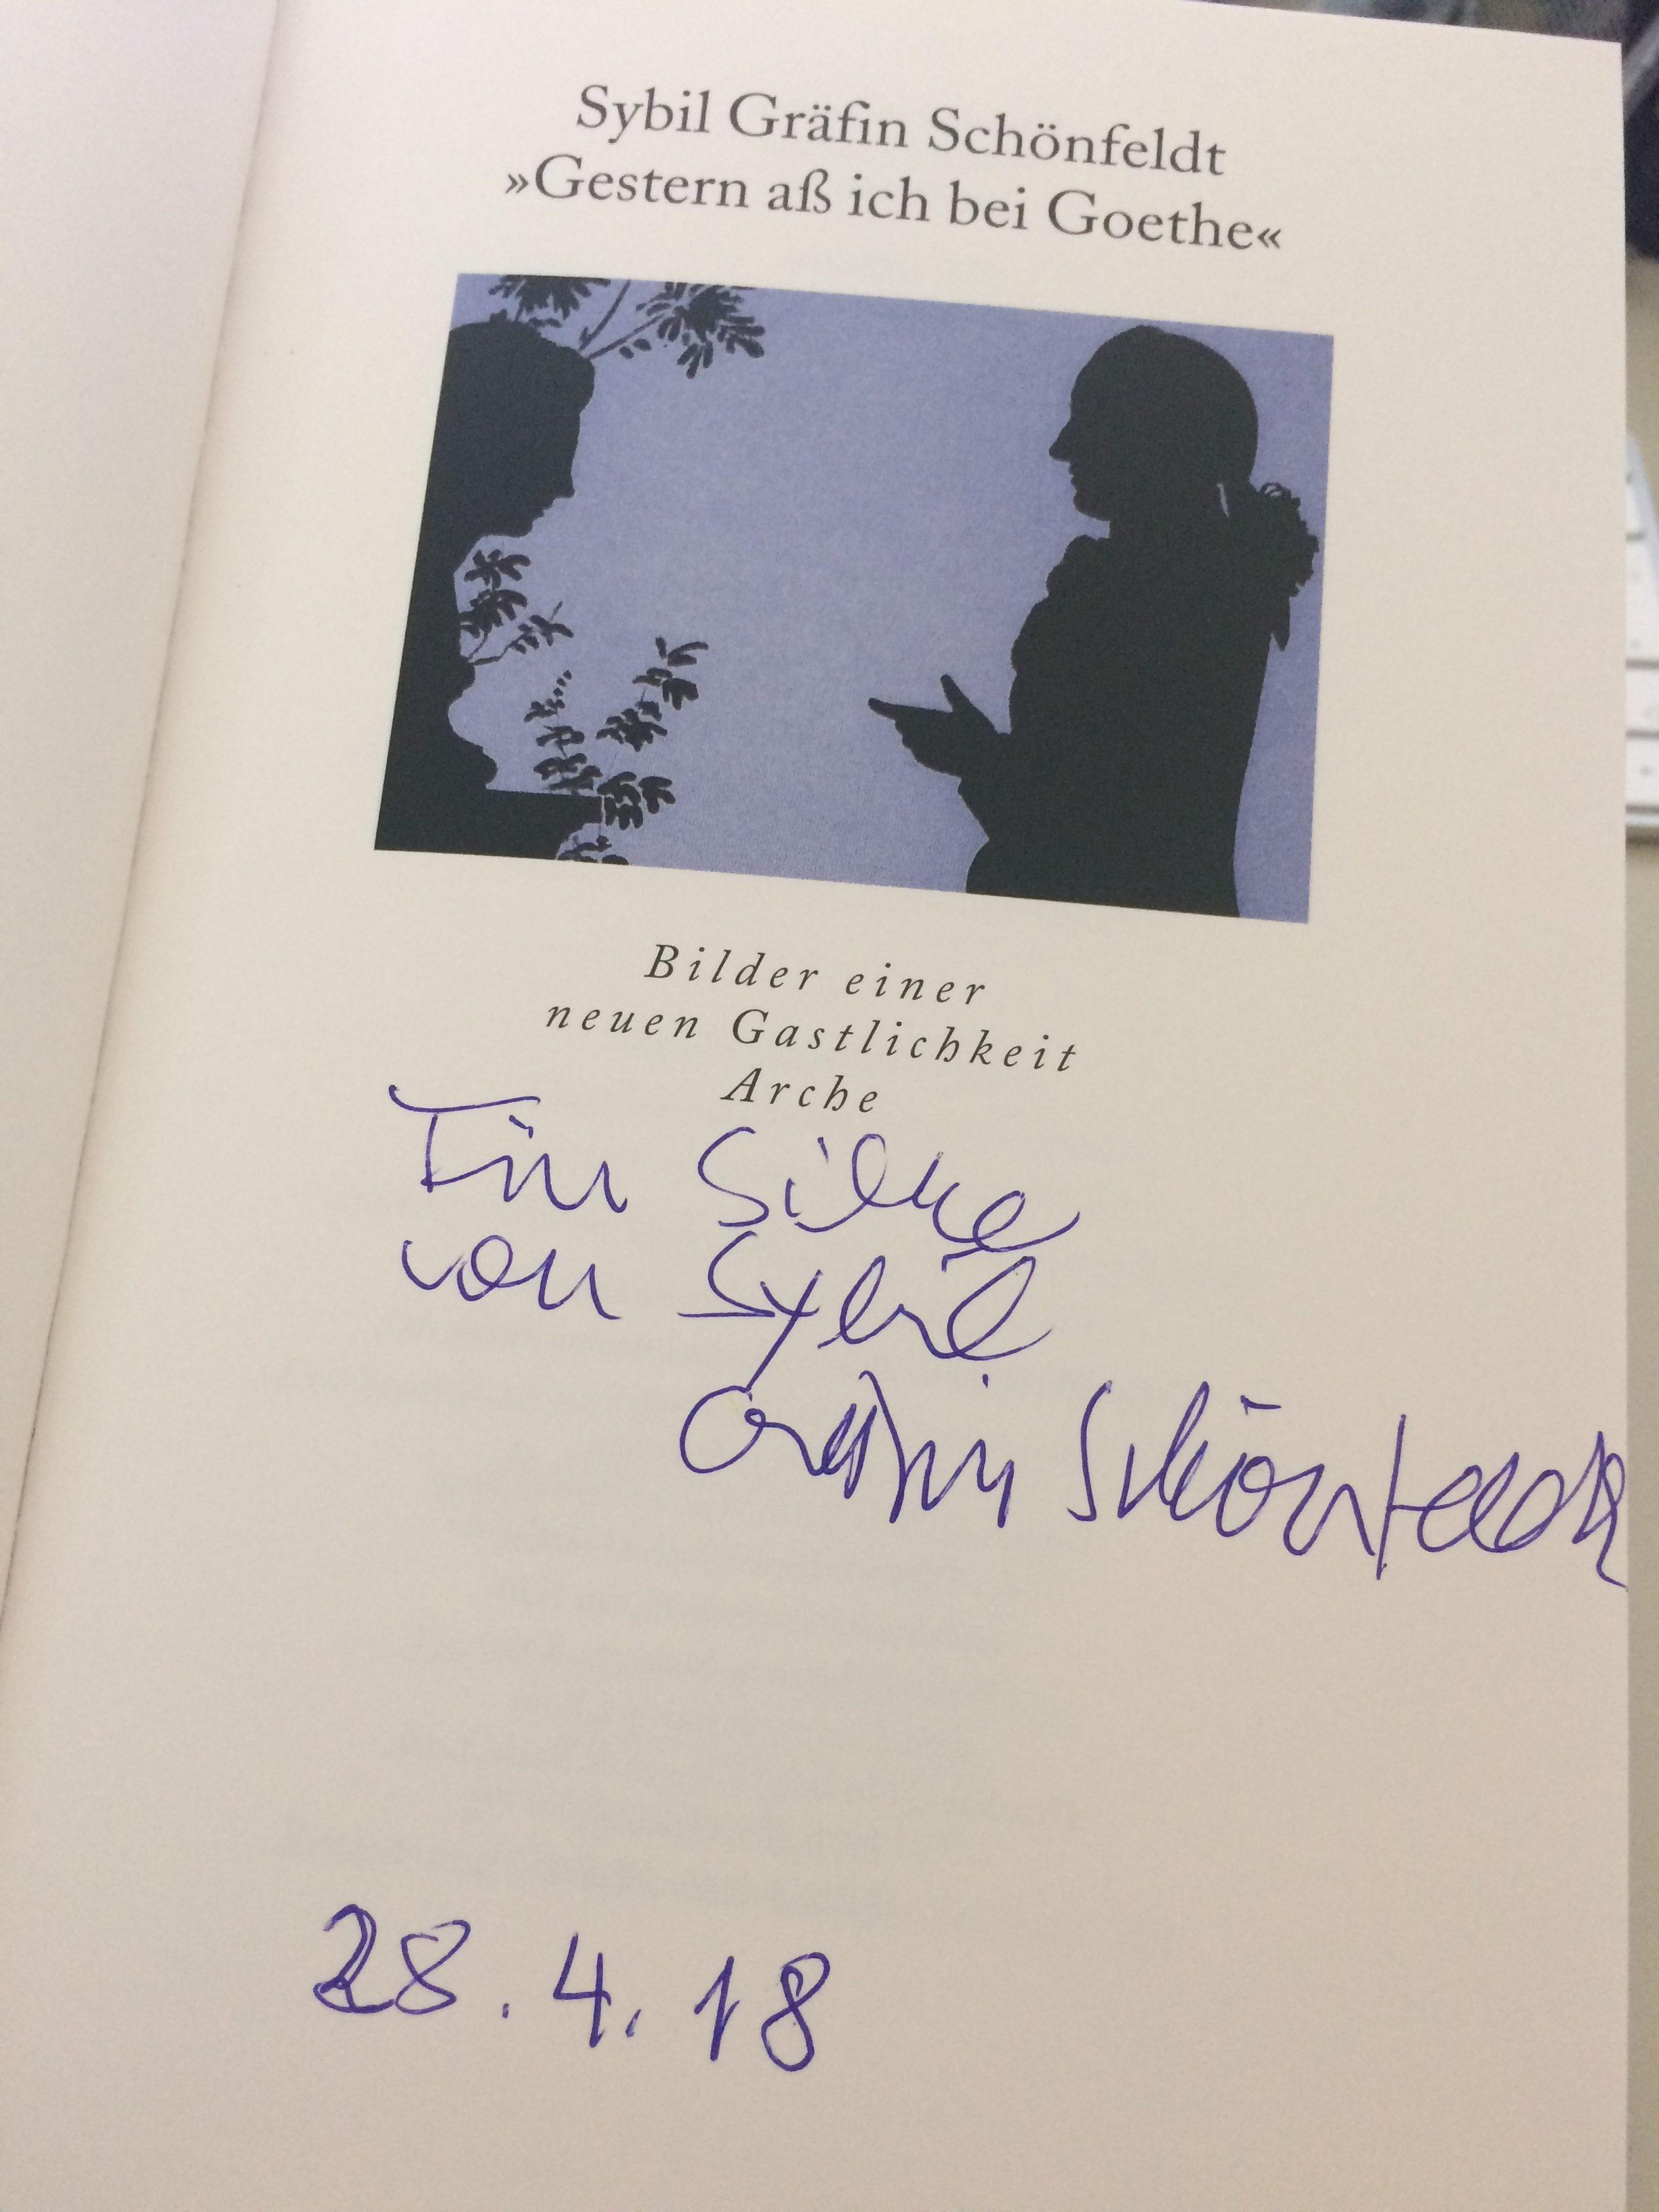 Gestern aß ich bei Goethe von Sybil Gräfin Schönfeldt